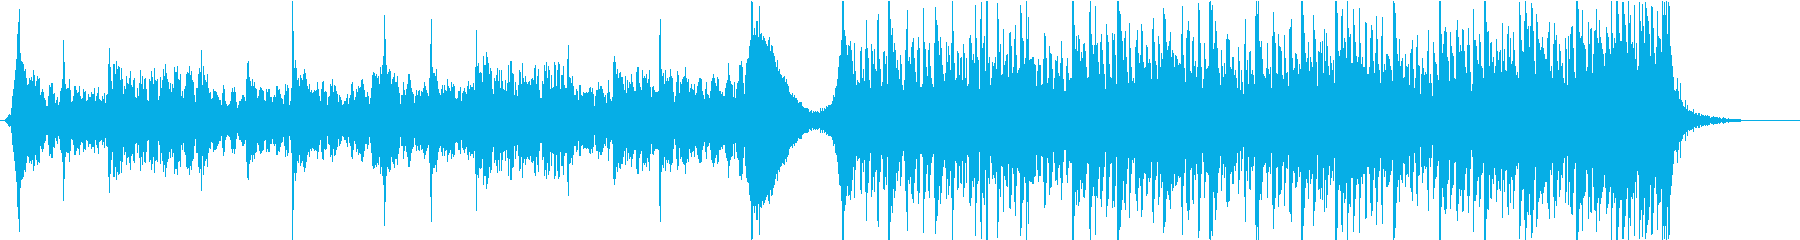 現代的 交響曲 エレクトロ 感情的...の再生済みの波形